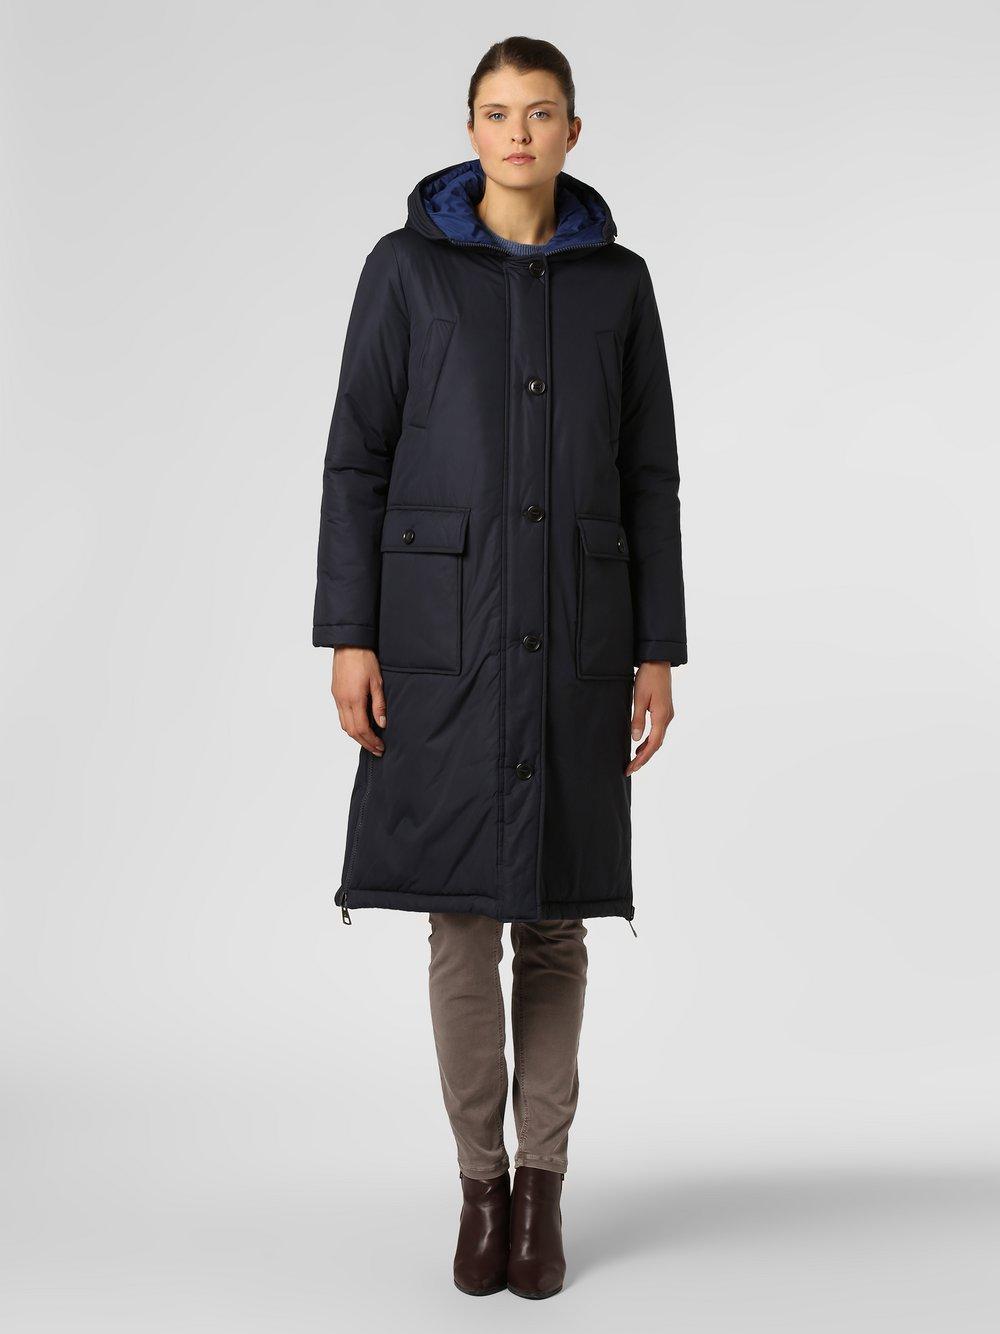 Marc O'Polo - Damski płaszcz dwustronny, niebieski